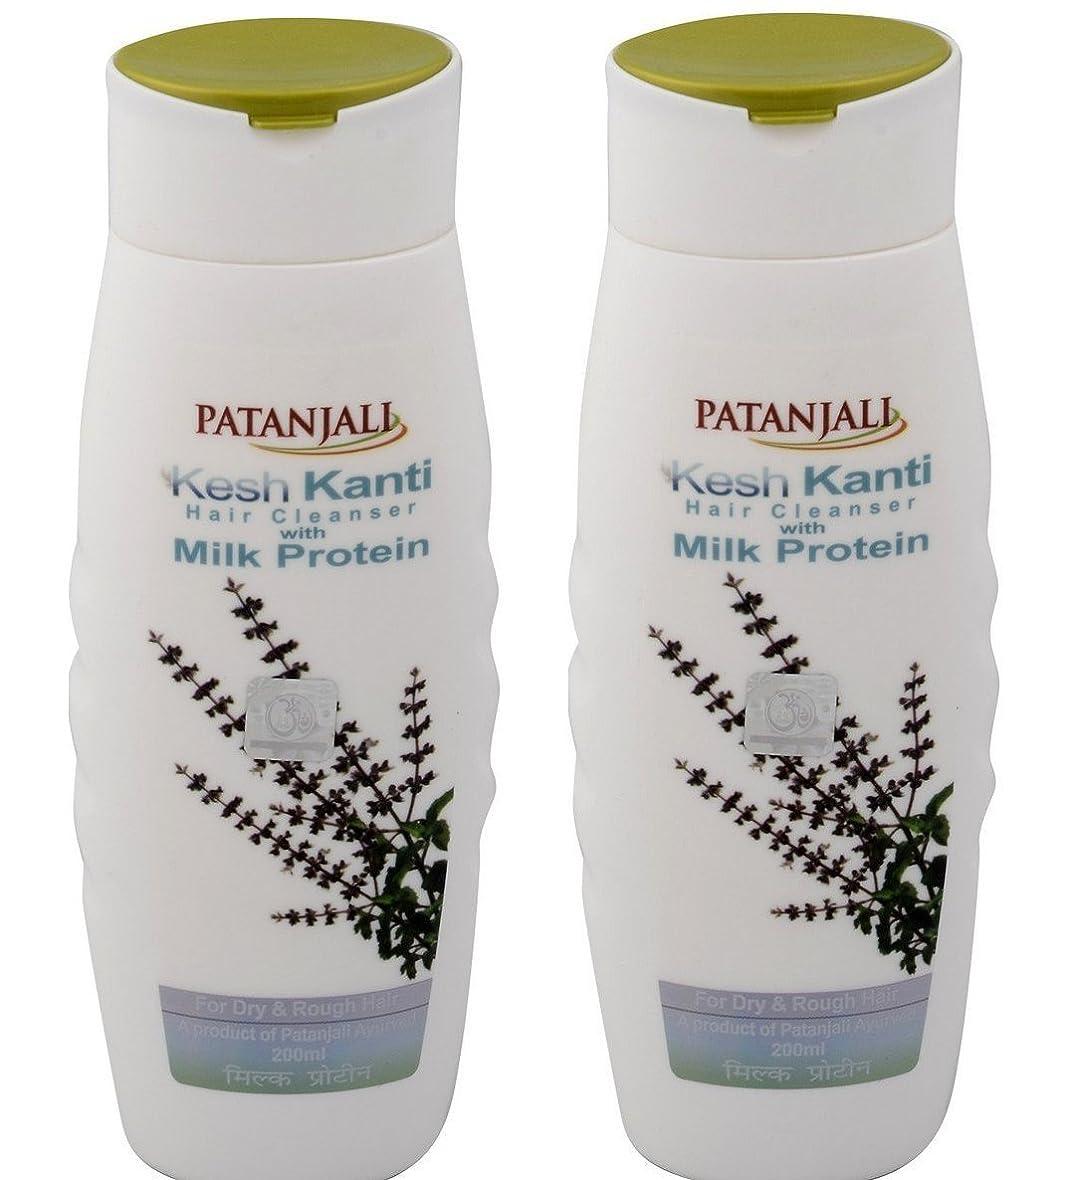 変更幾分としてPatanjali Kesh Kanti Milk Protein Hair Cleanser Shampoo, 200ml (Pack of 2)